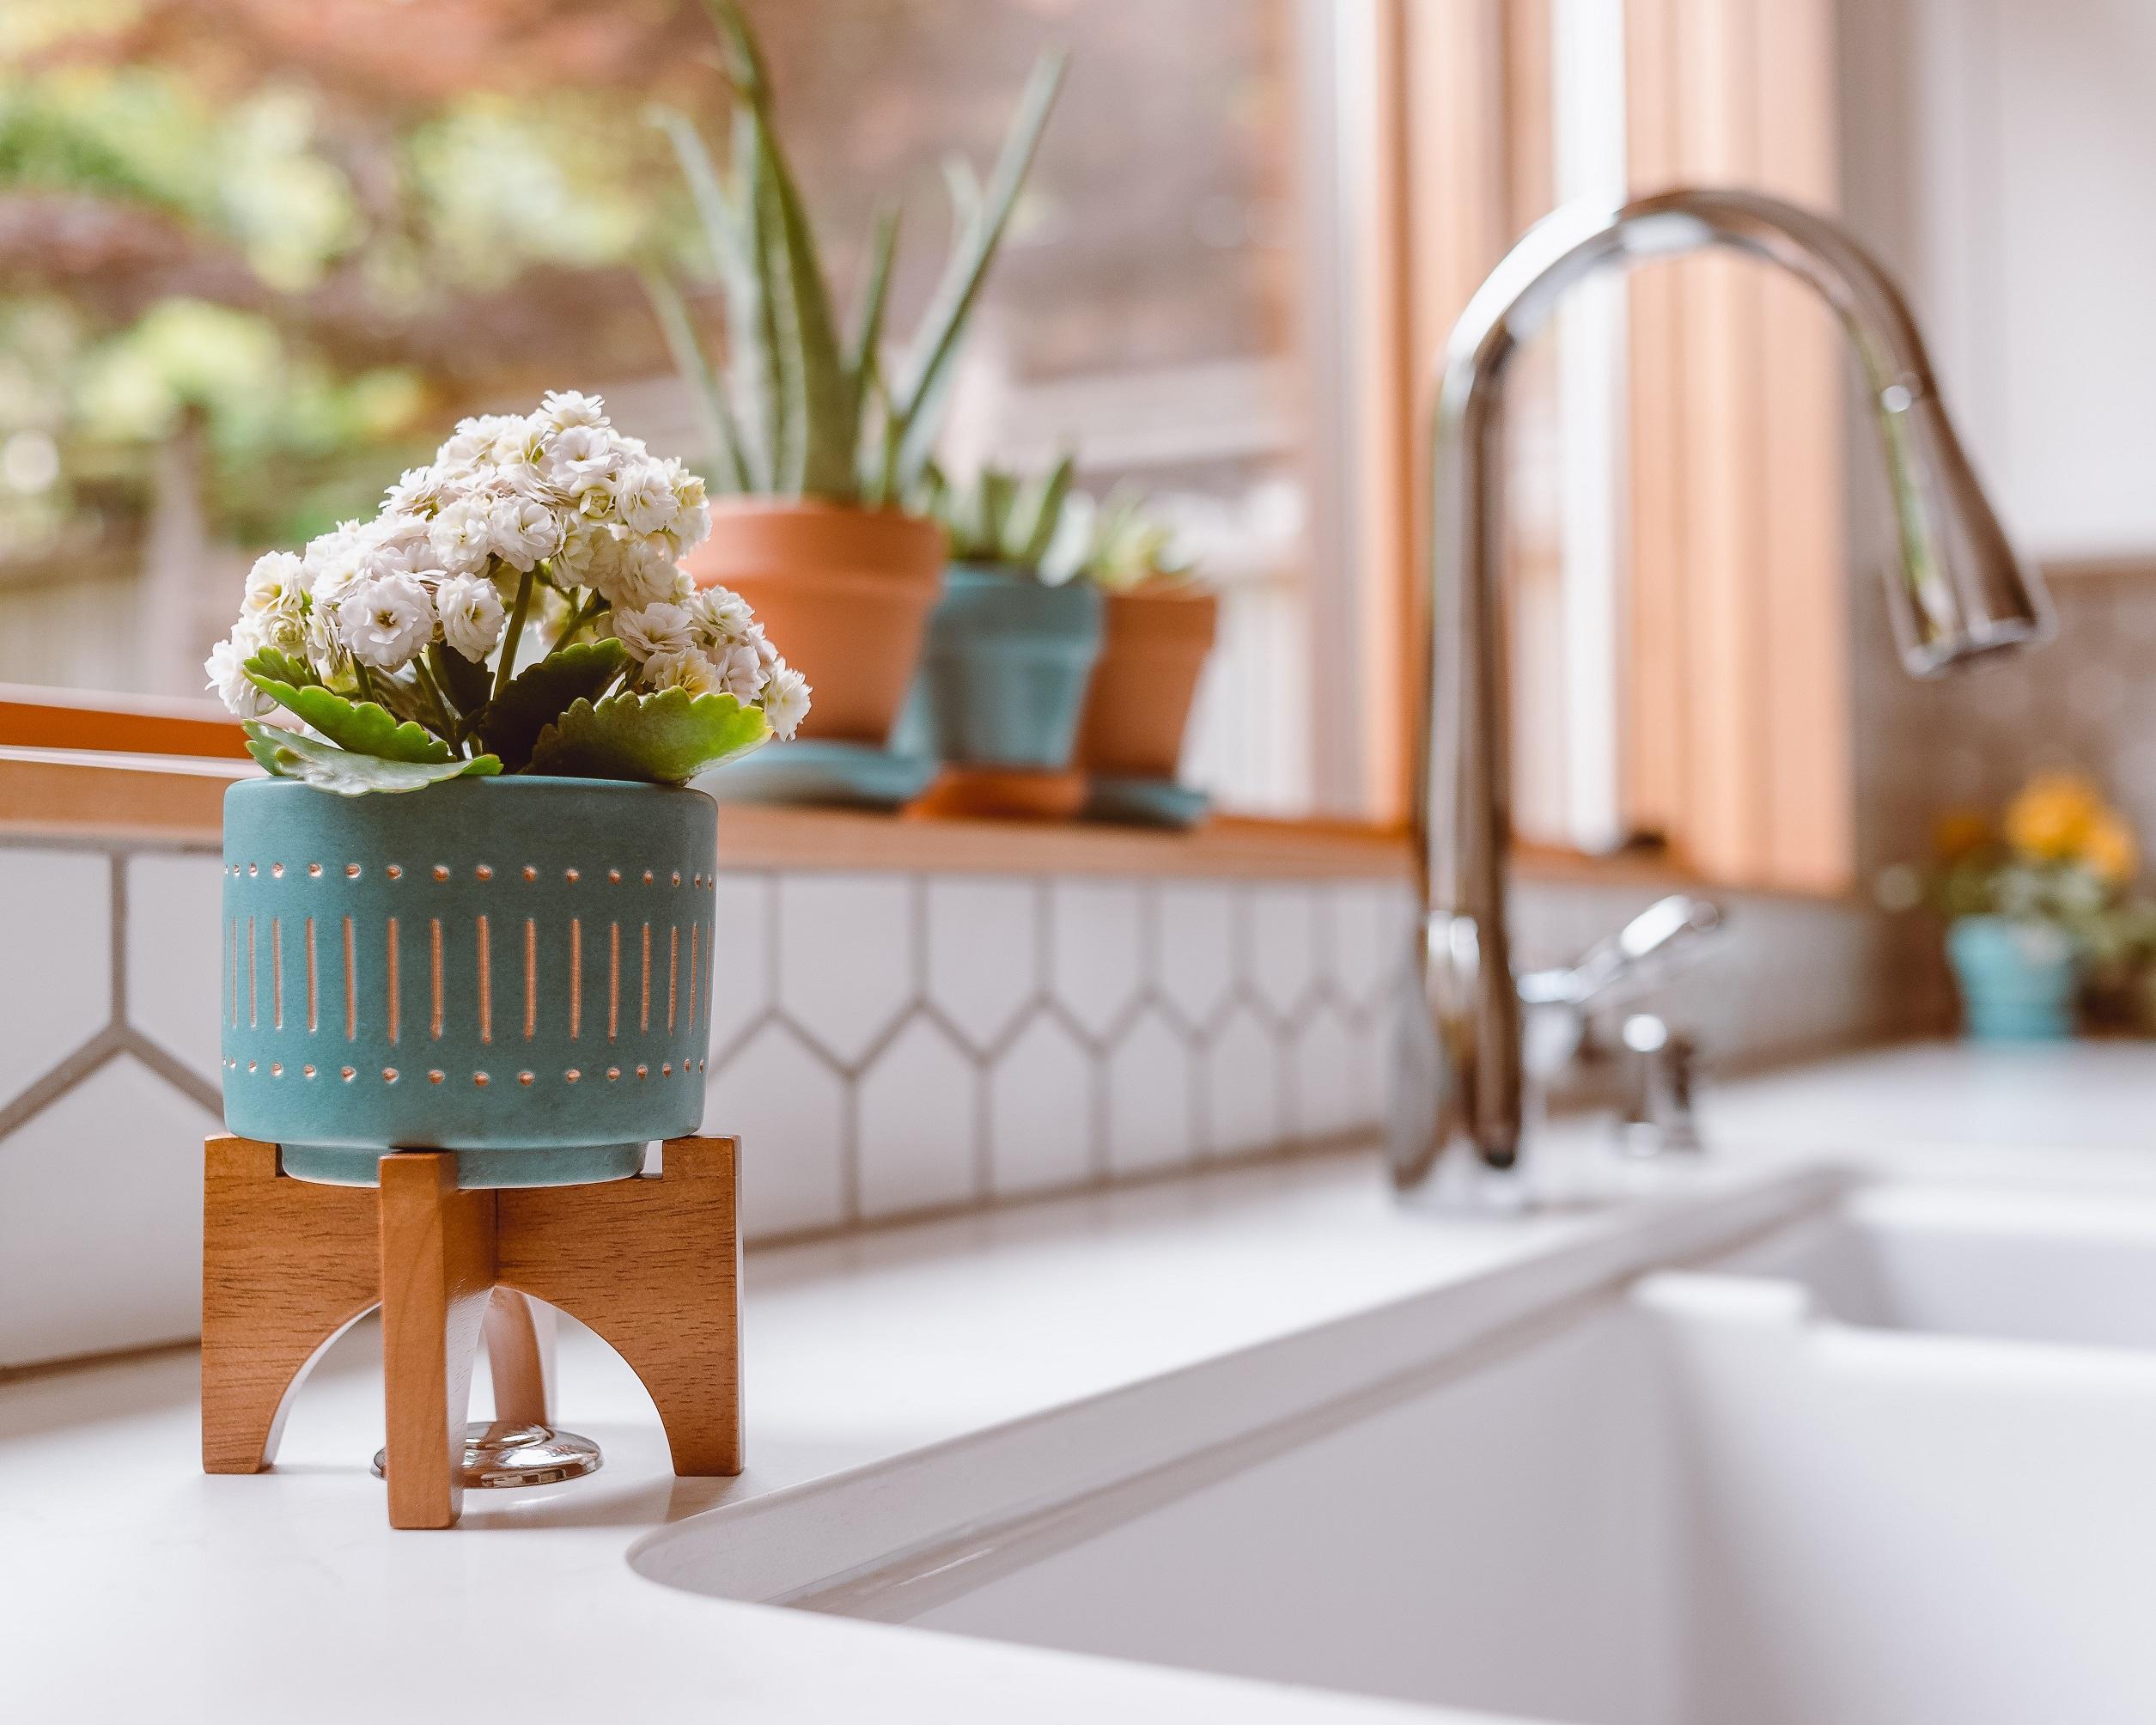 An image of a kitchen sink backsplash.